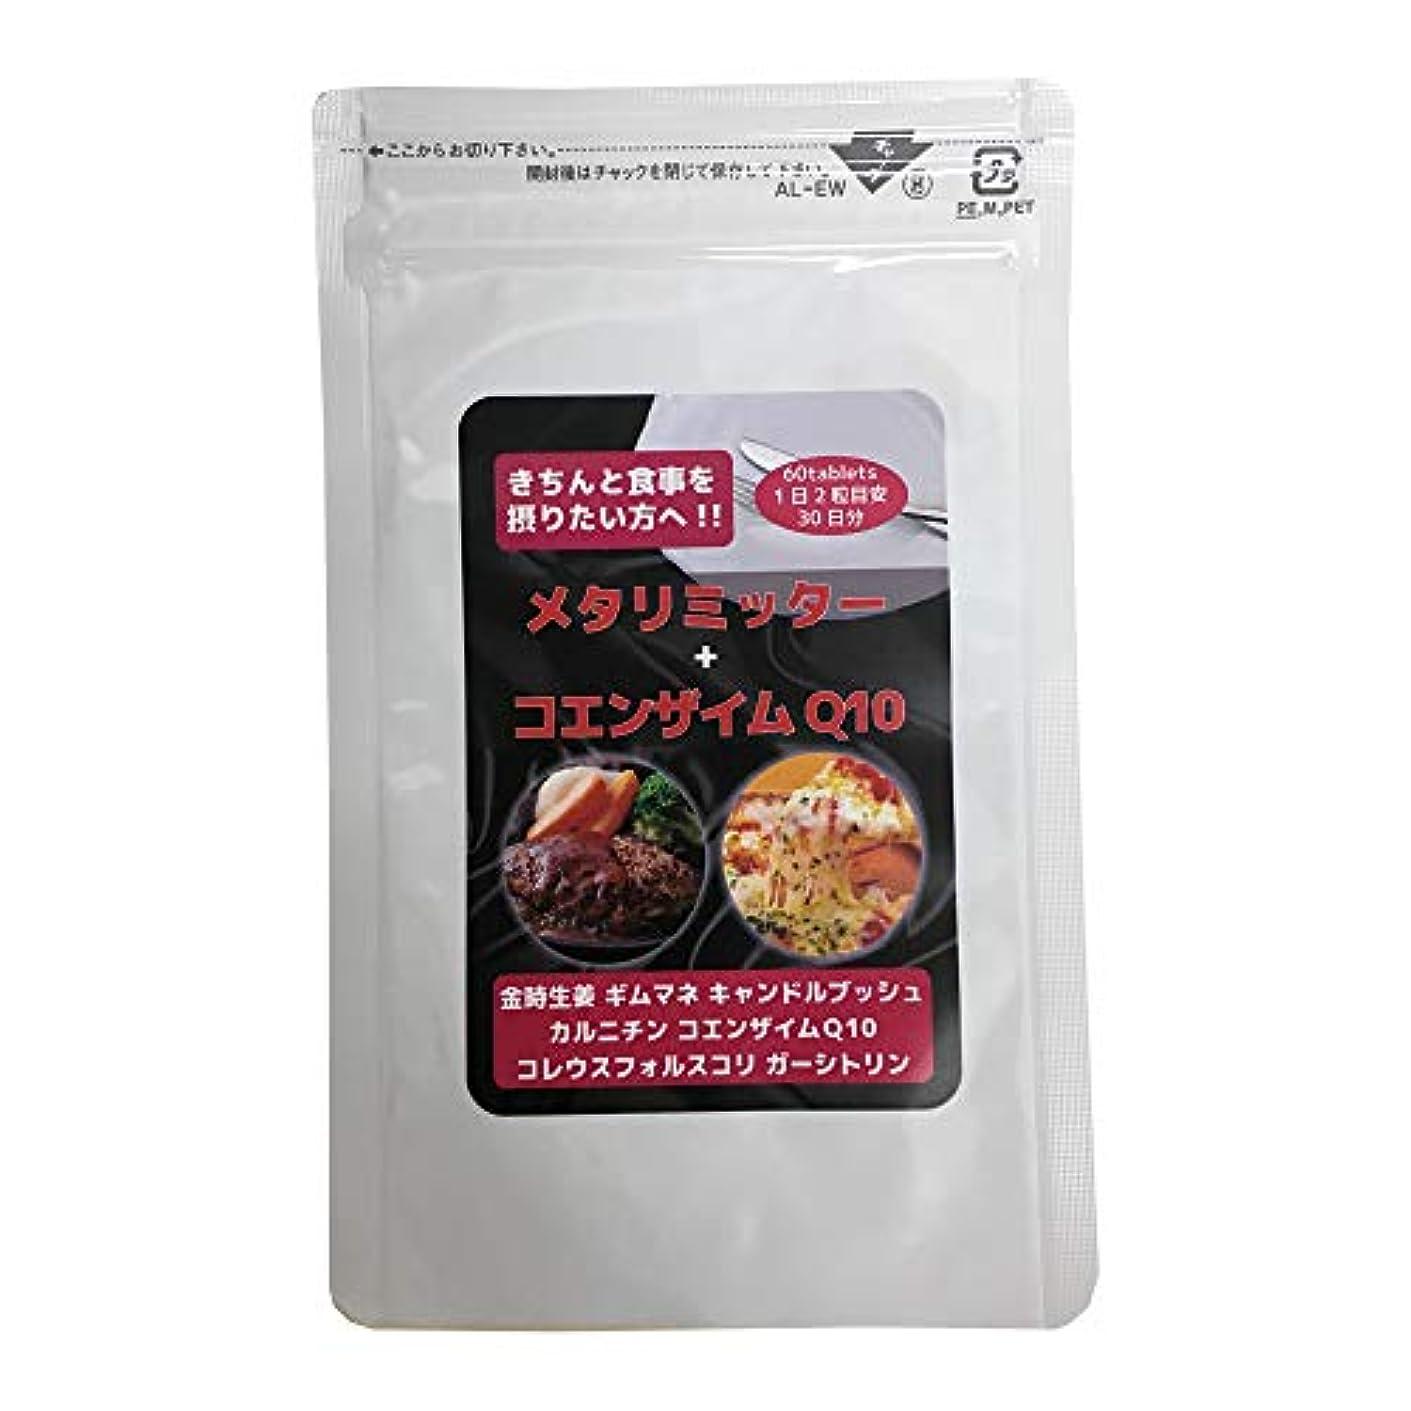 同級生偽アフリカ人メタリミッター + コエンザイムQ10 キャンドルブッシュ 配合 ダイエット サプリ 30日分/60粒